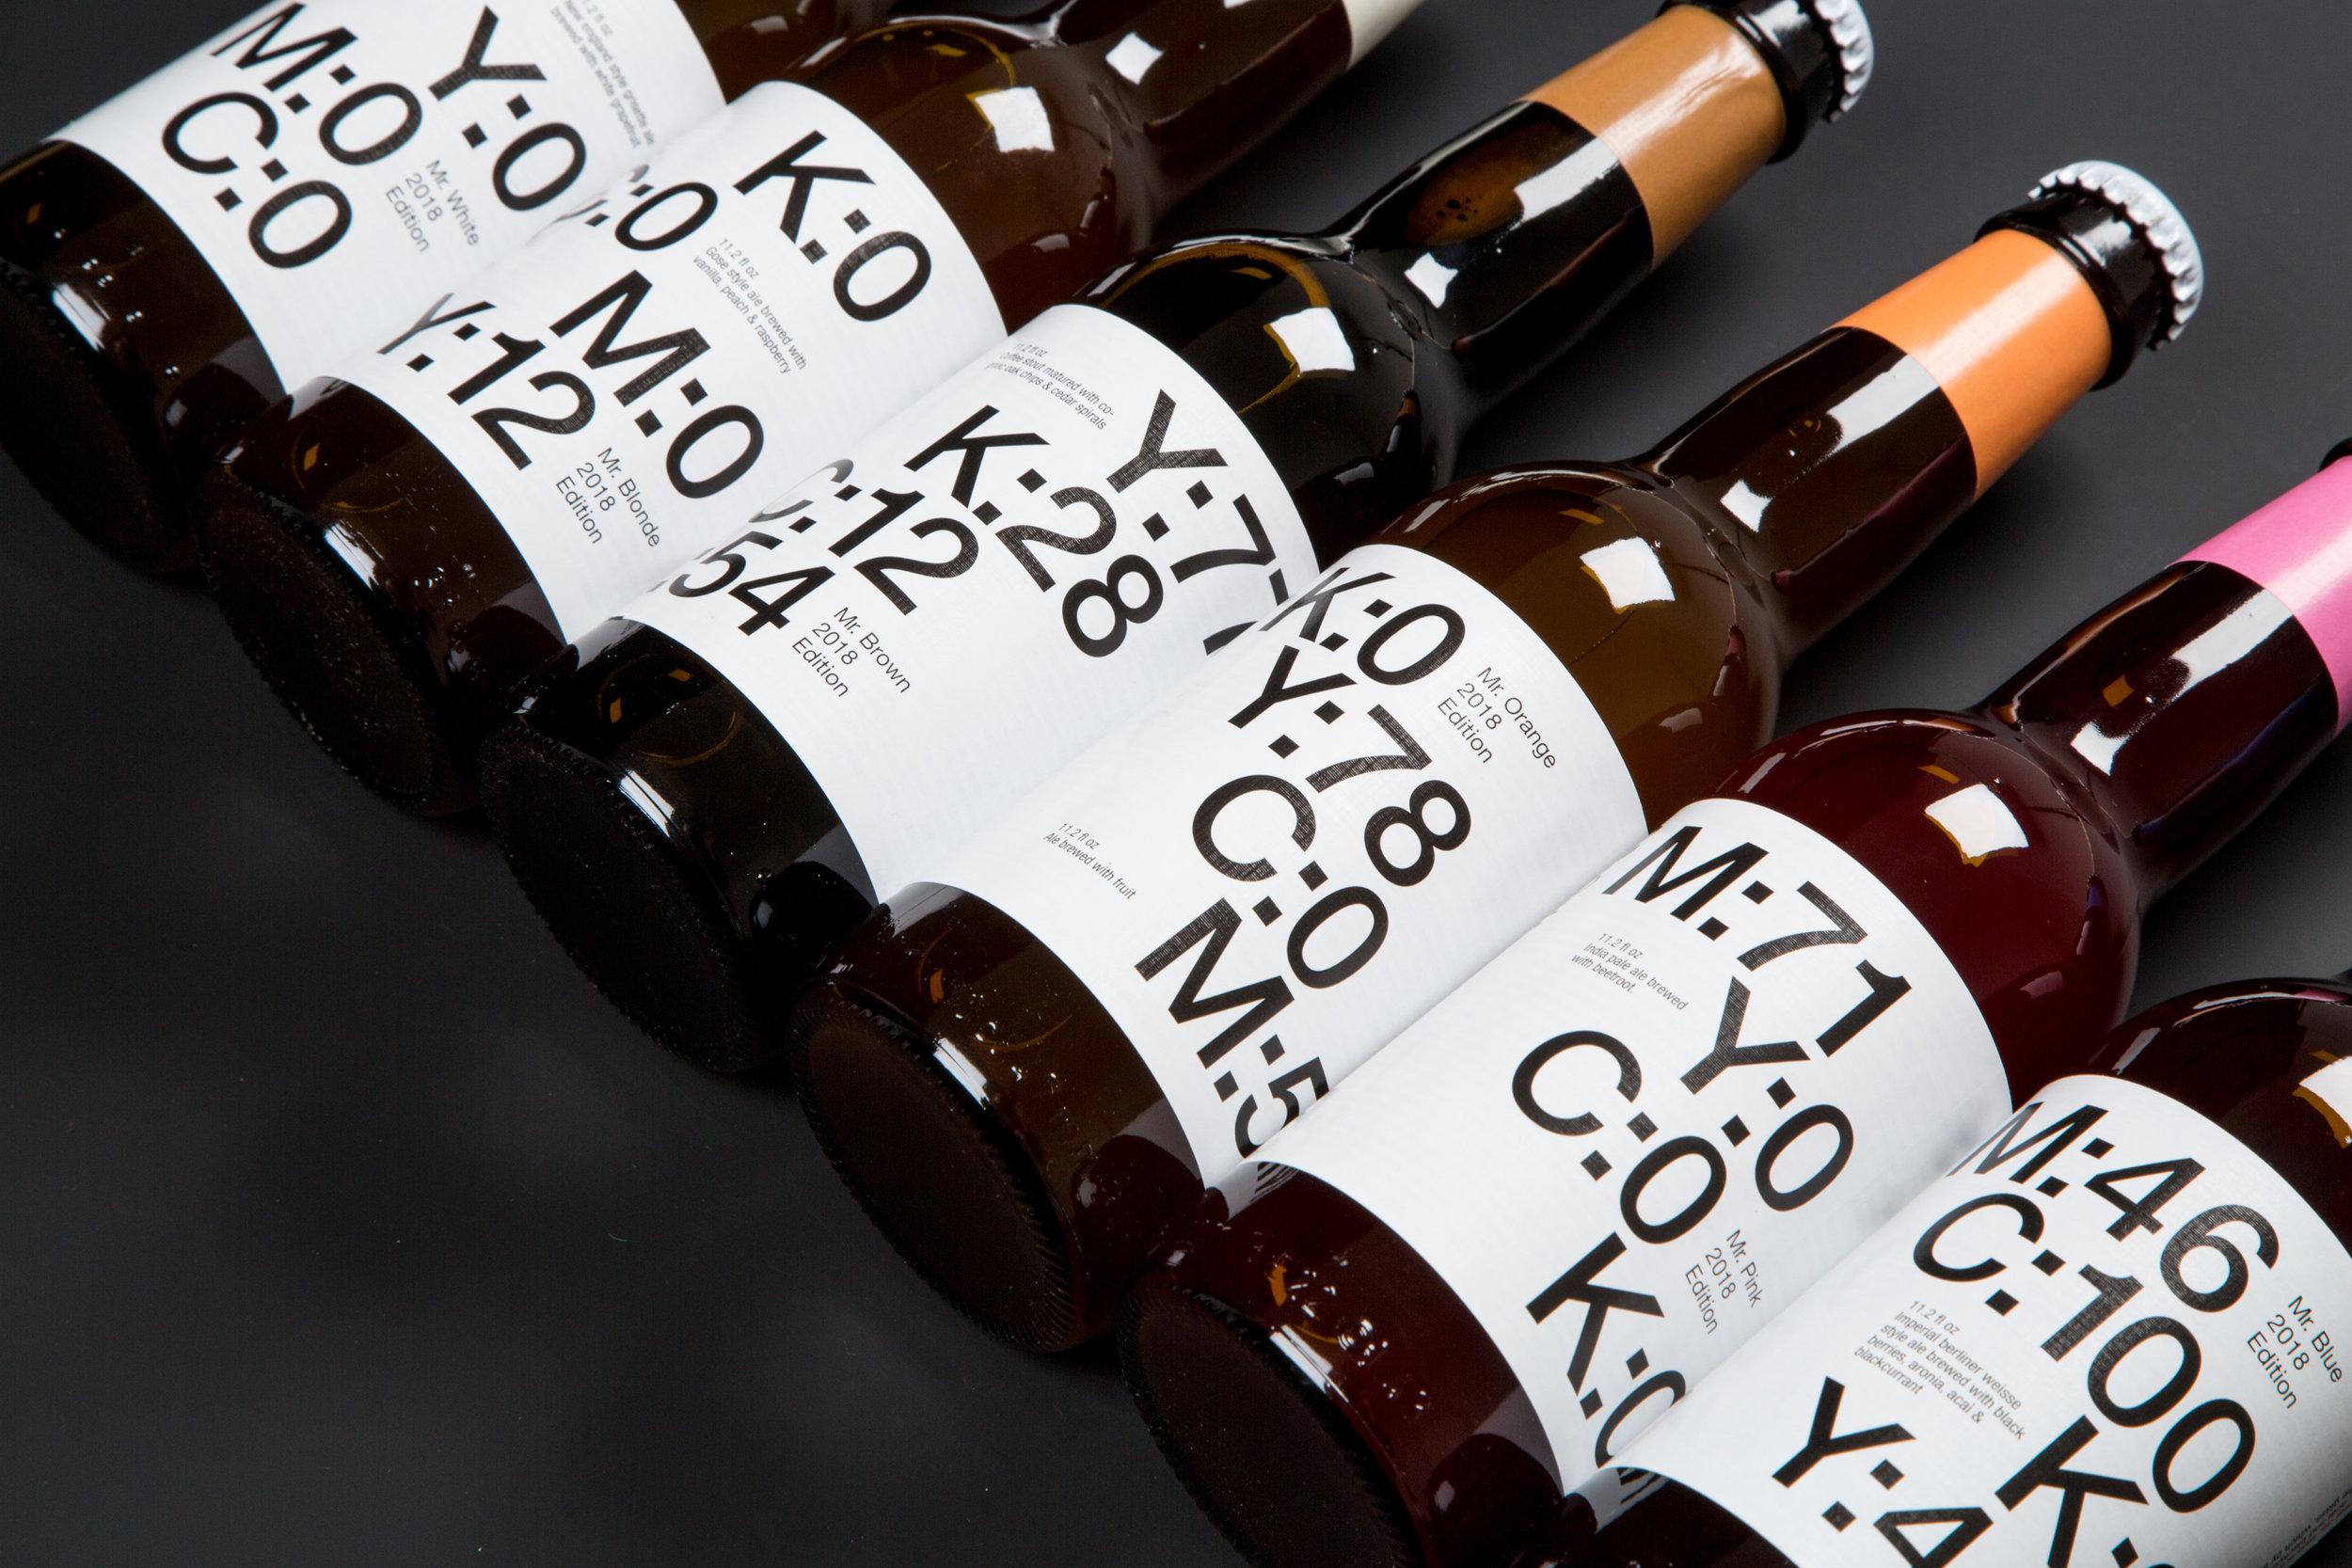 kasper_ledet_mr_series_2018_bottles.jpg